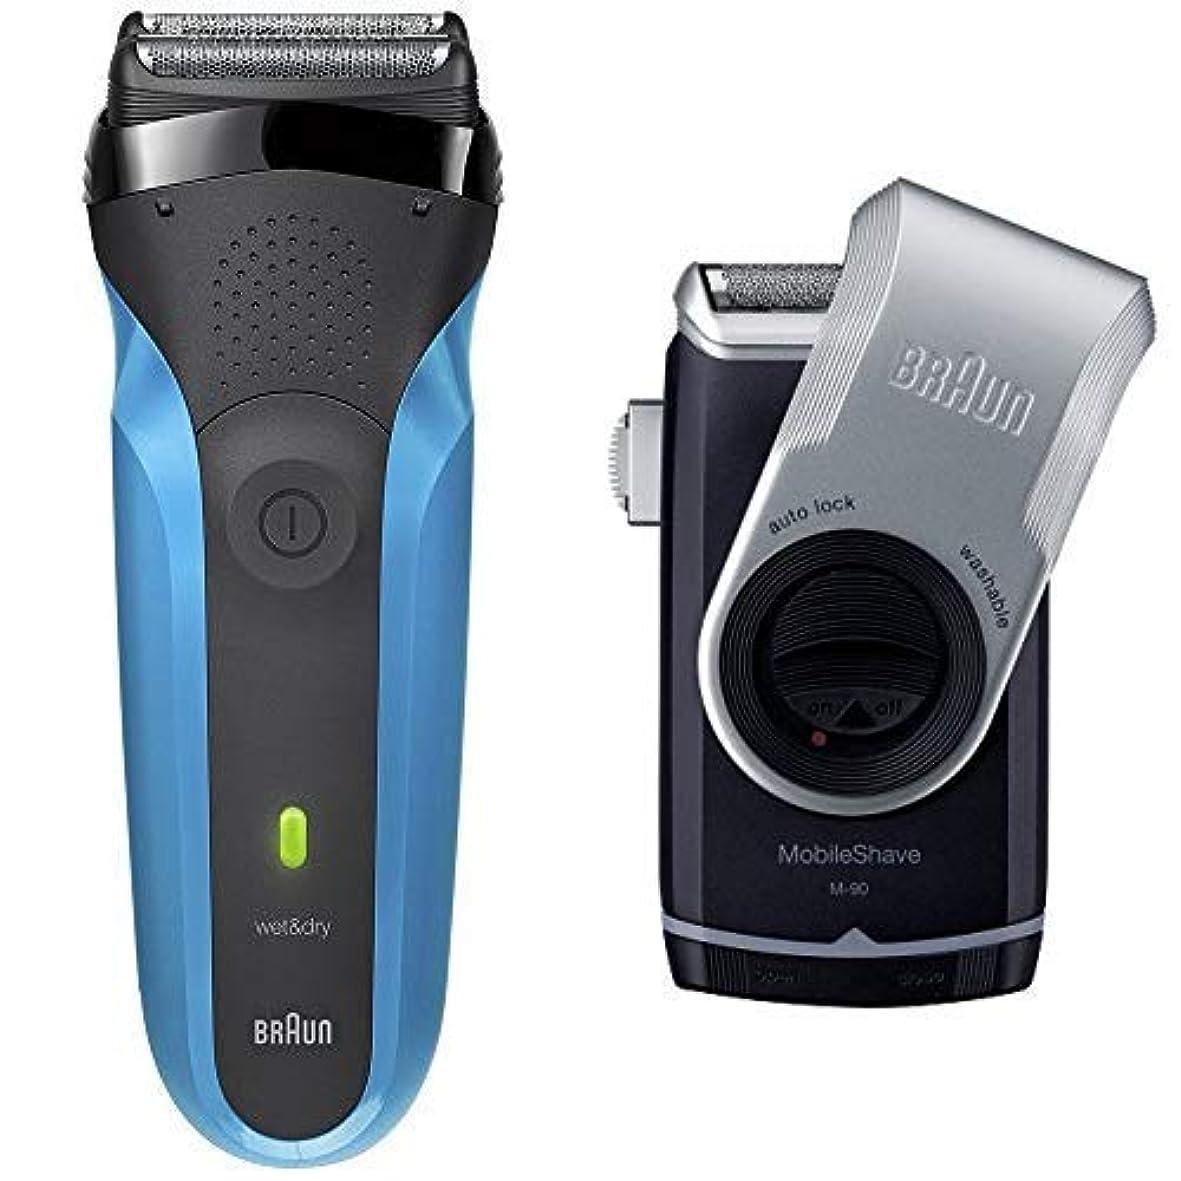 暫定一貫性のないマイクロブラウン メンズ電気シェーバー シリーズ3 310s 3枚刃 水洗い/お風呂剃り可 & モバイルメンズ電気シェーバー M-90 水洗い可